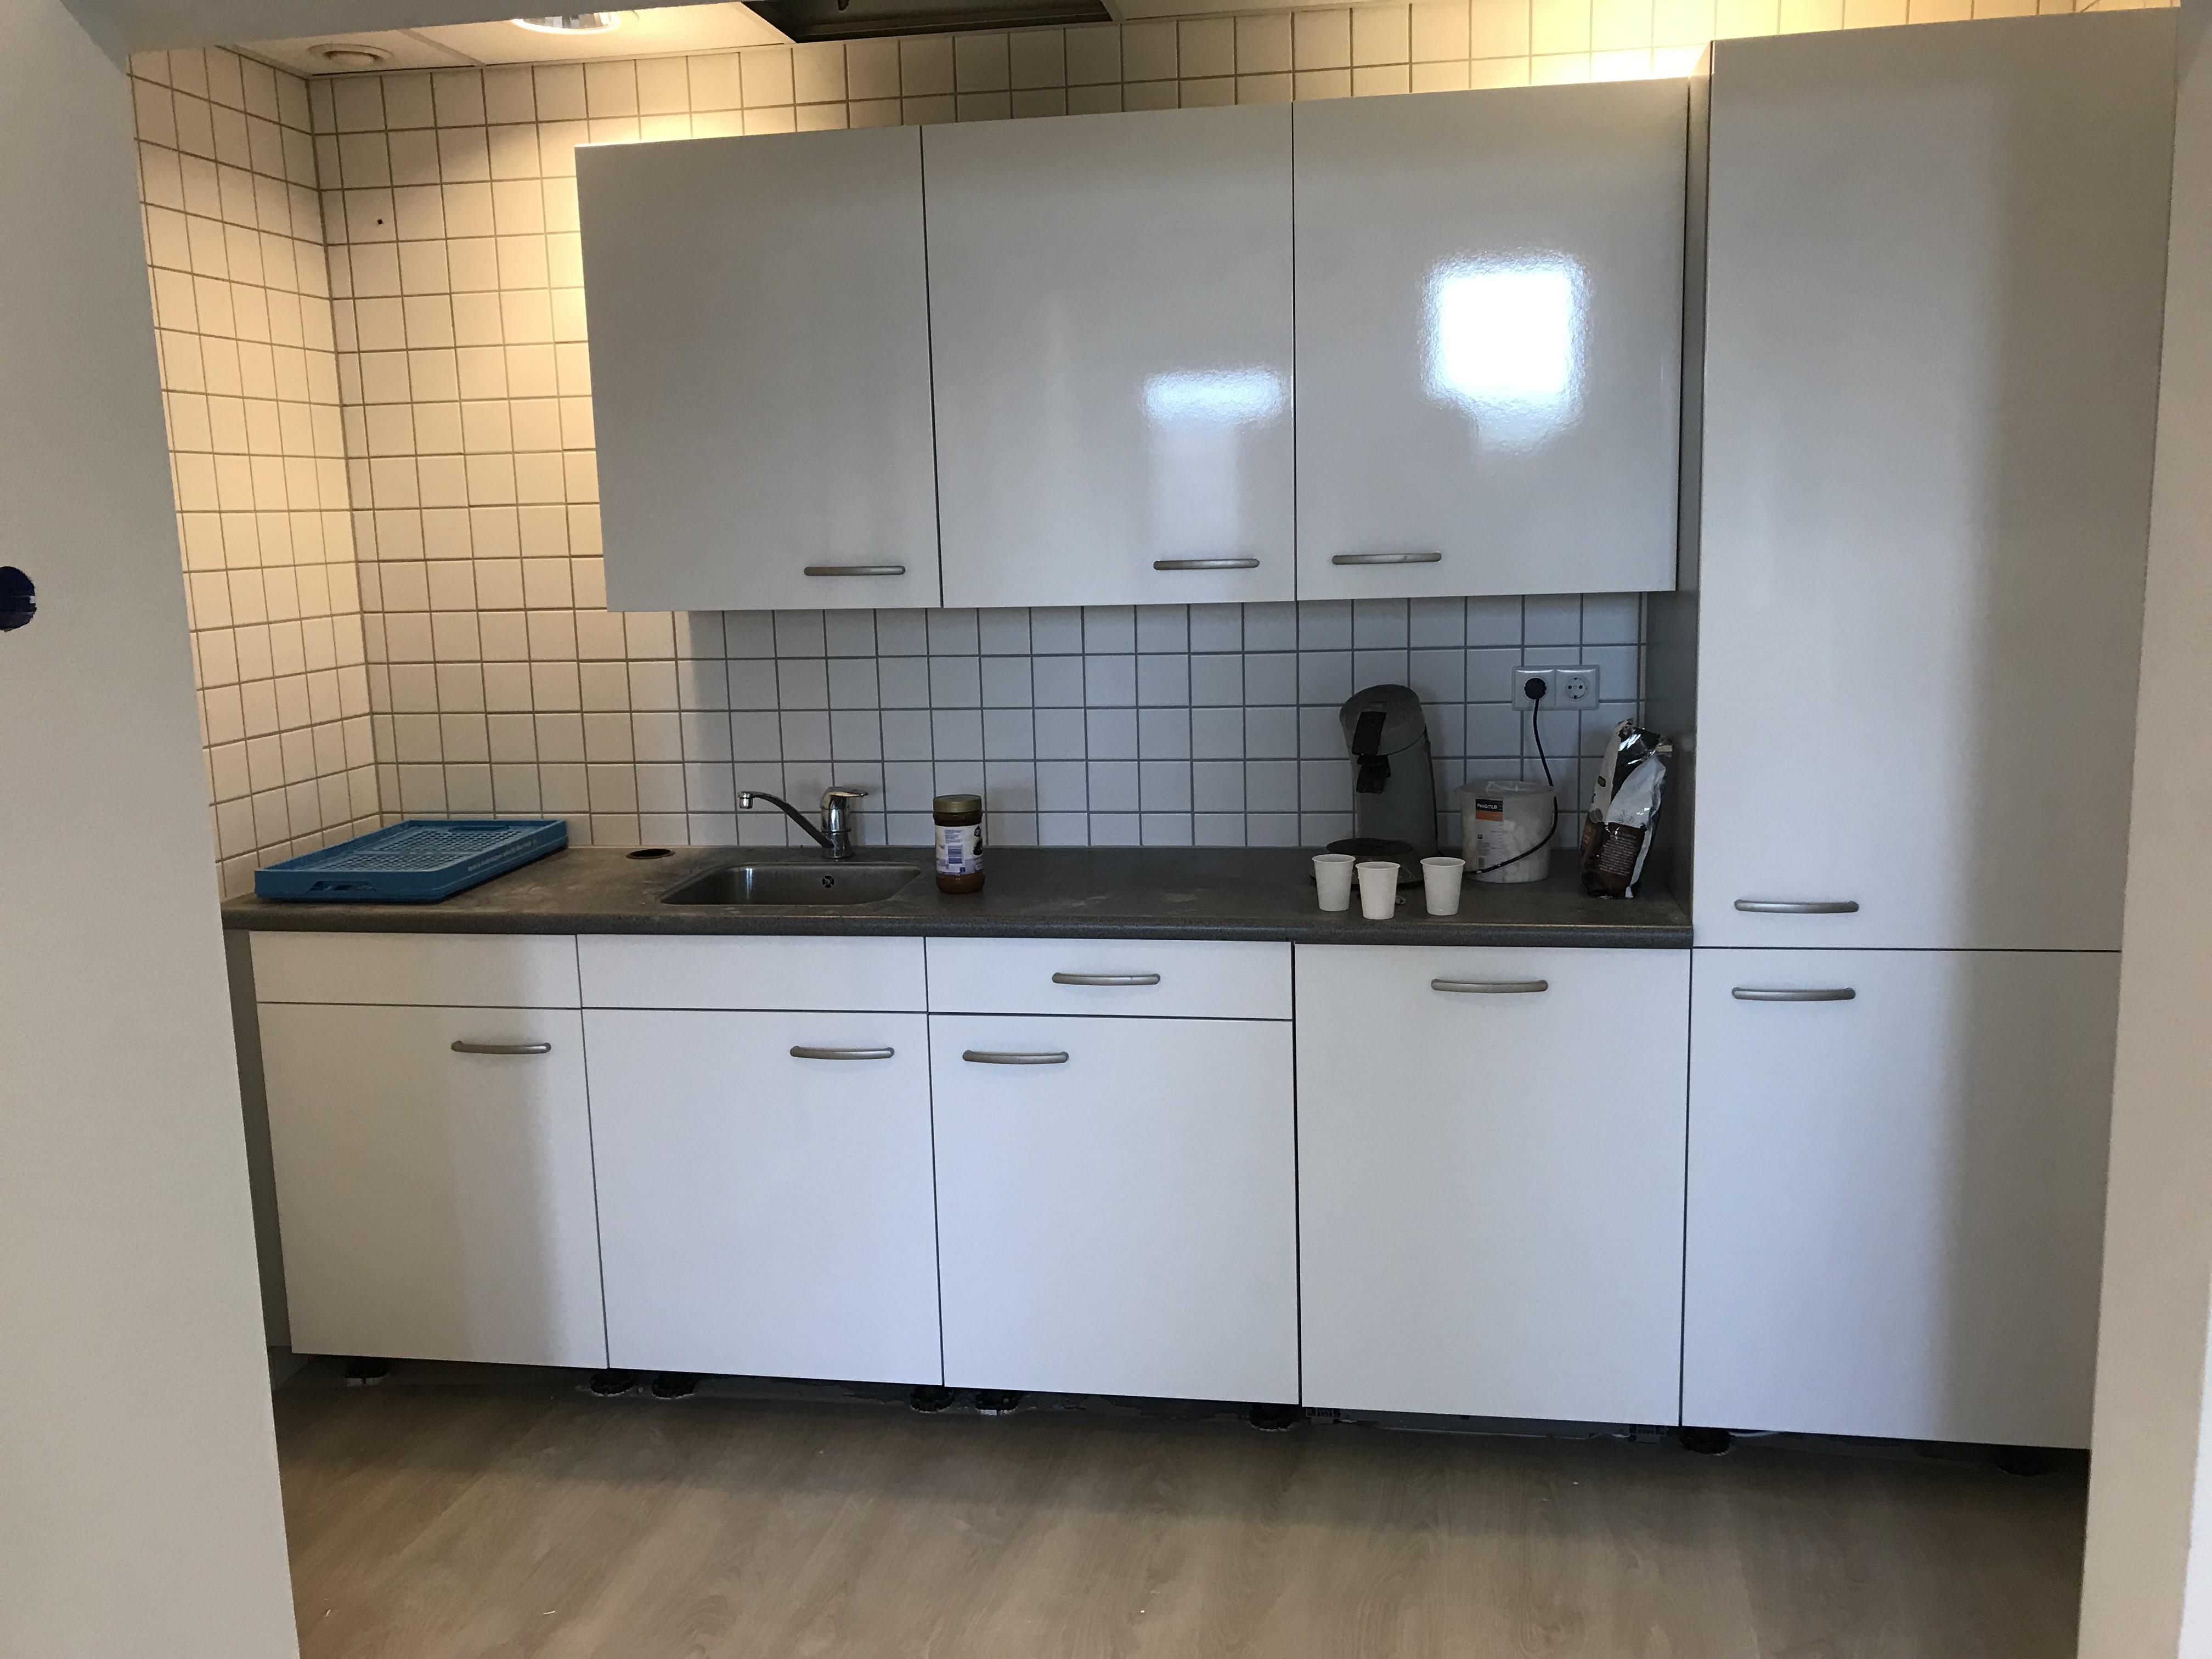 Keuken wrappen van rood naar wit